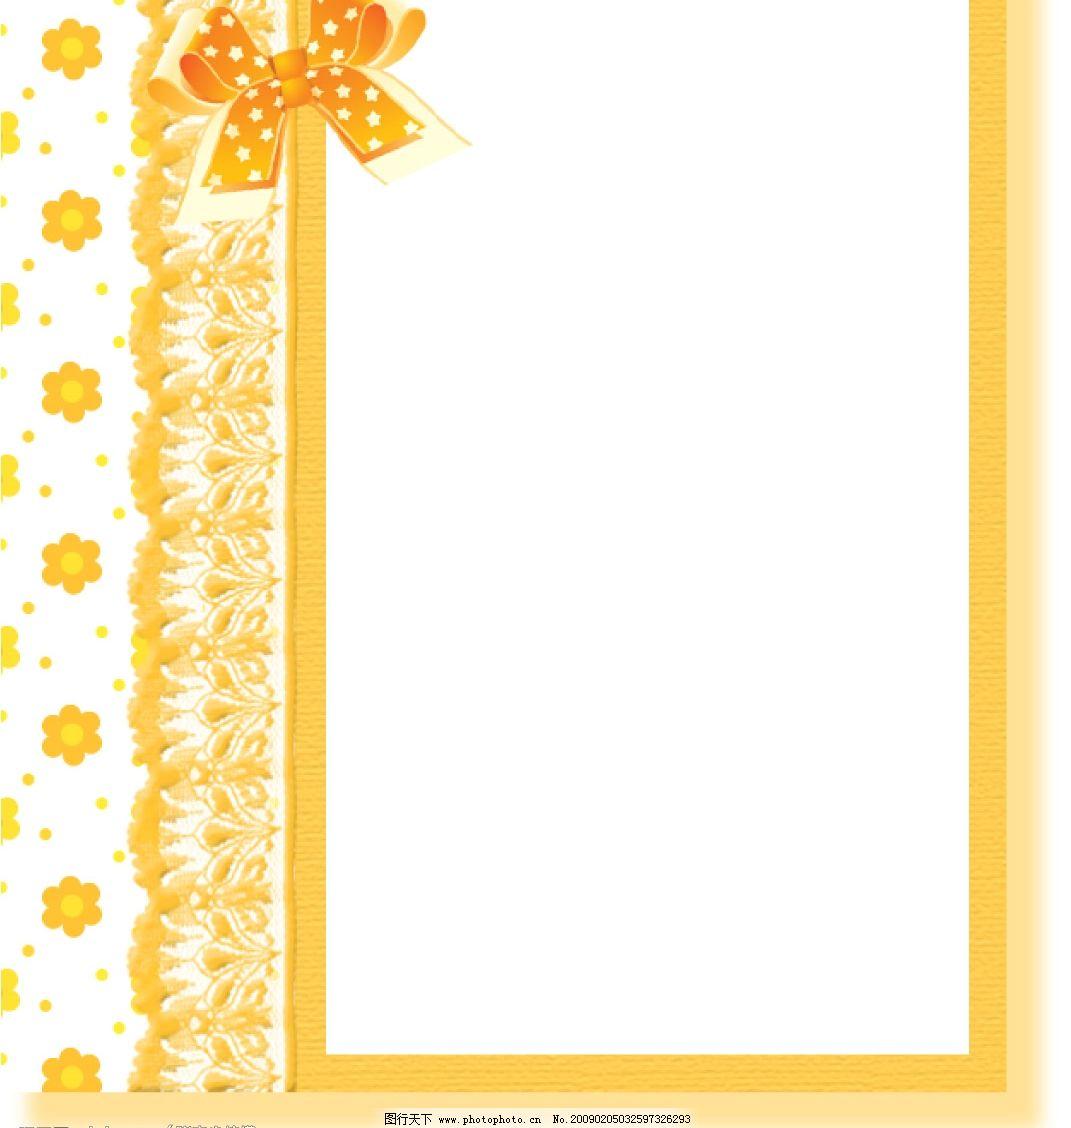 日系风格的蕾丝蝴蝶结相框图片